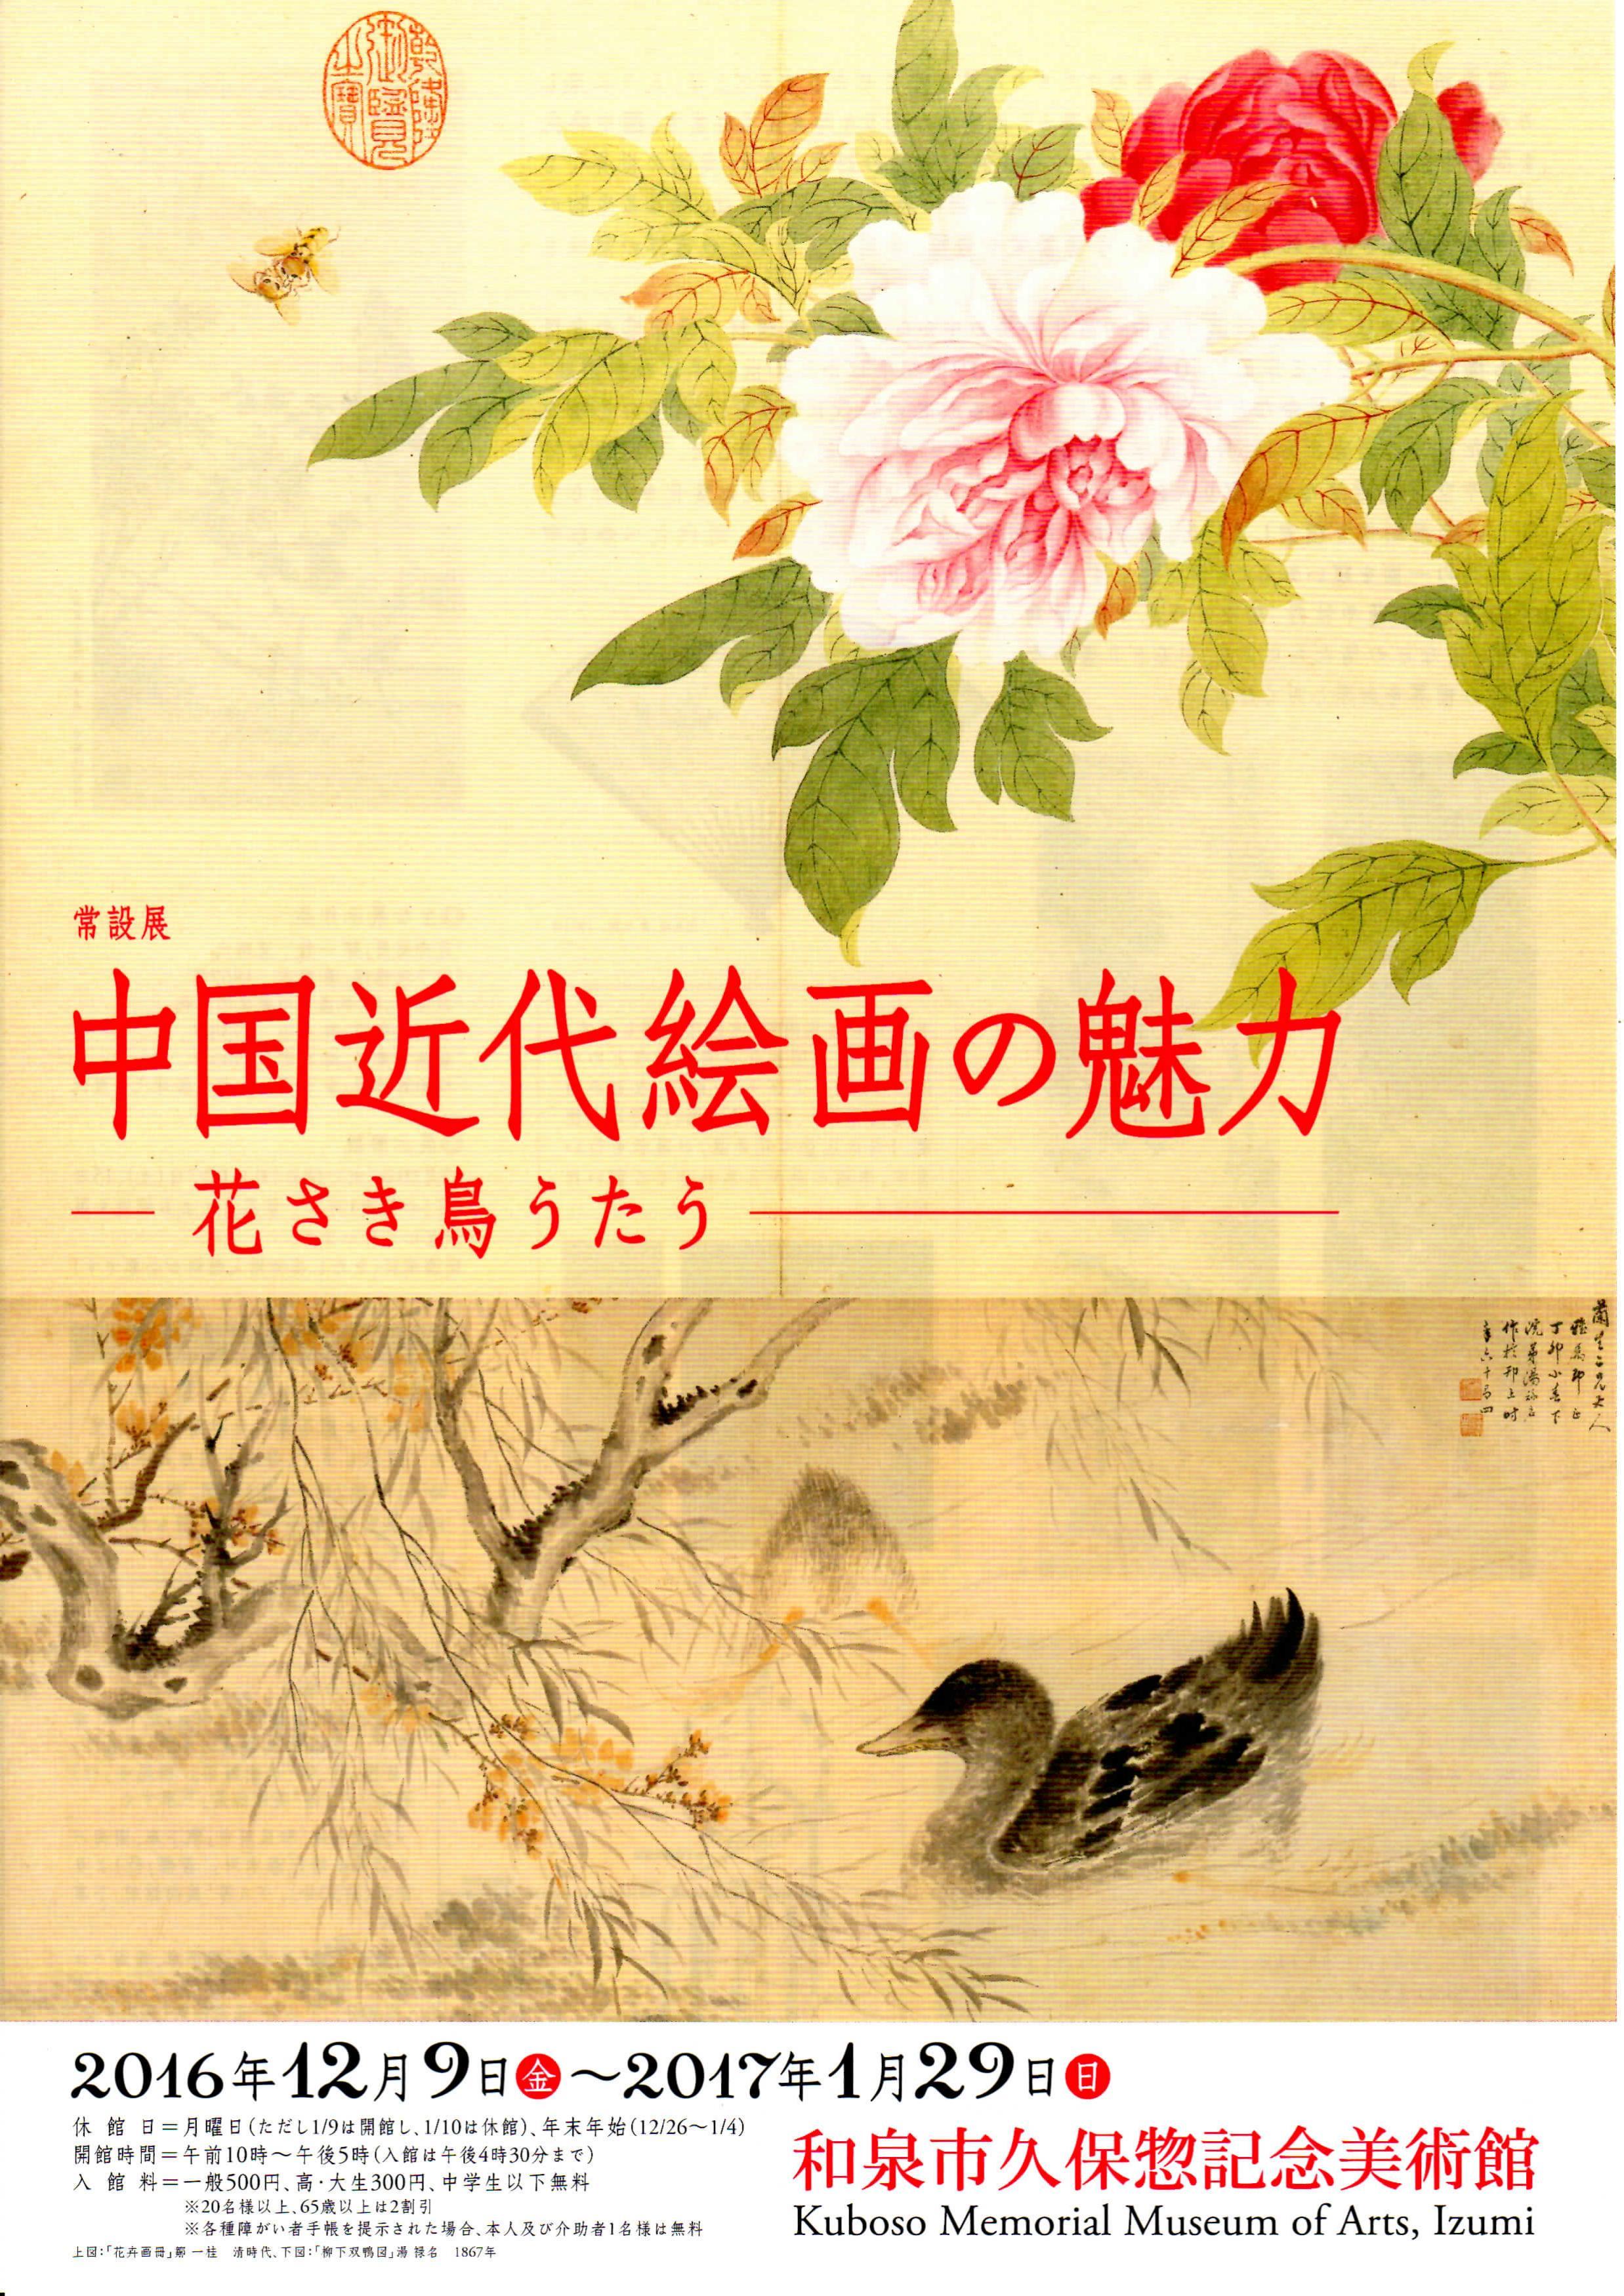 【和泉市久保惣記念美術館】中国近代絵画の魅力-花さき鳥うたう-